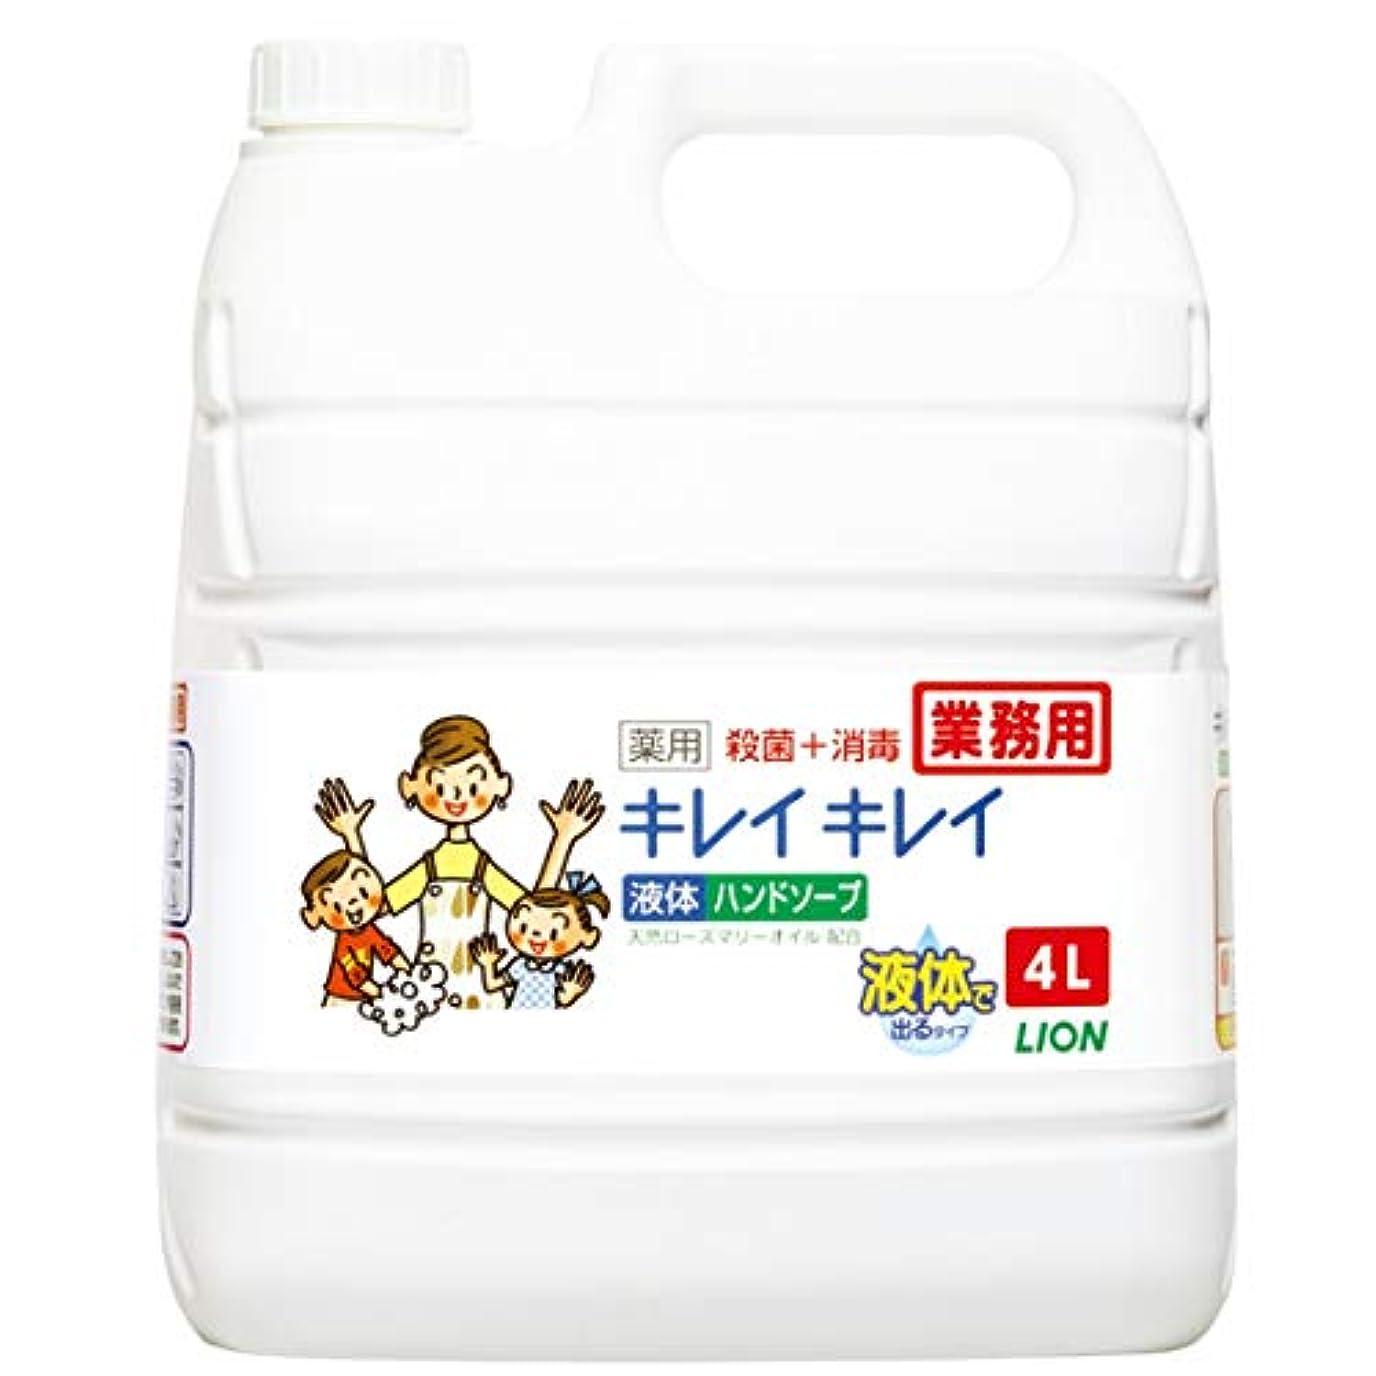 引き出し文明化征服【業務用 大容量】キレイキレイ 薬用 ハンドソープ  4L(医薬部外品)